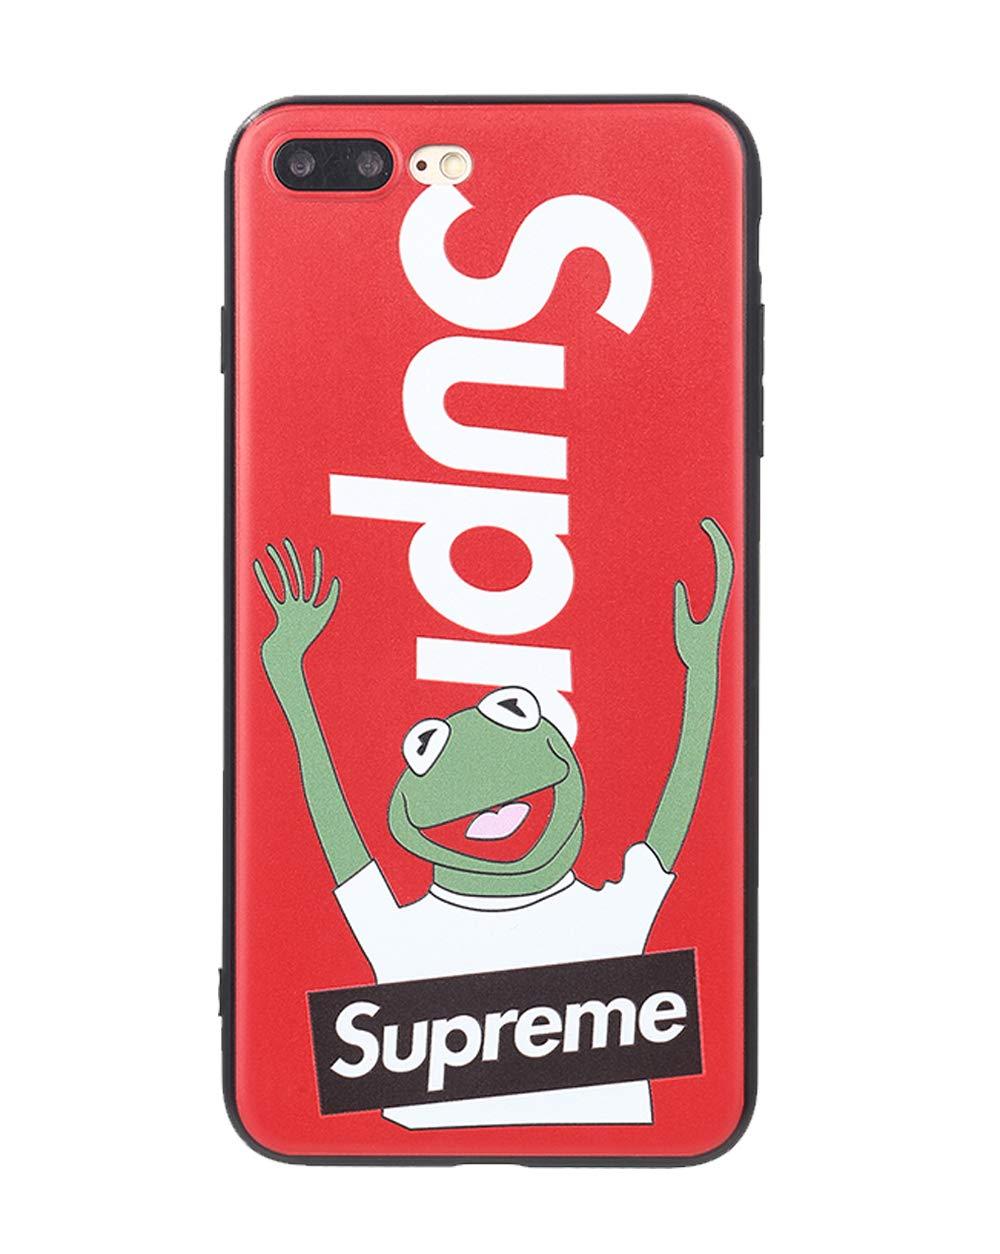 Supreme x Kermit con la Portada de la Rana 70s up Sup Frog Case Sentir la Portada con Motivos 3D s/ólido Compatible con el iPhone de Apple 6, Rojo